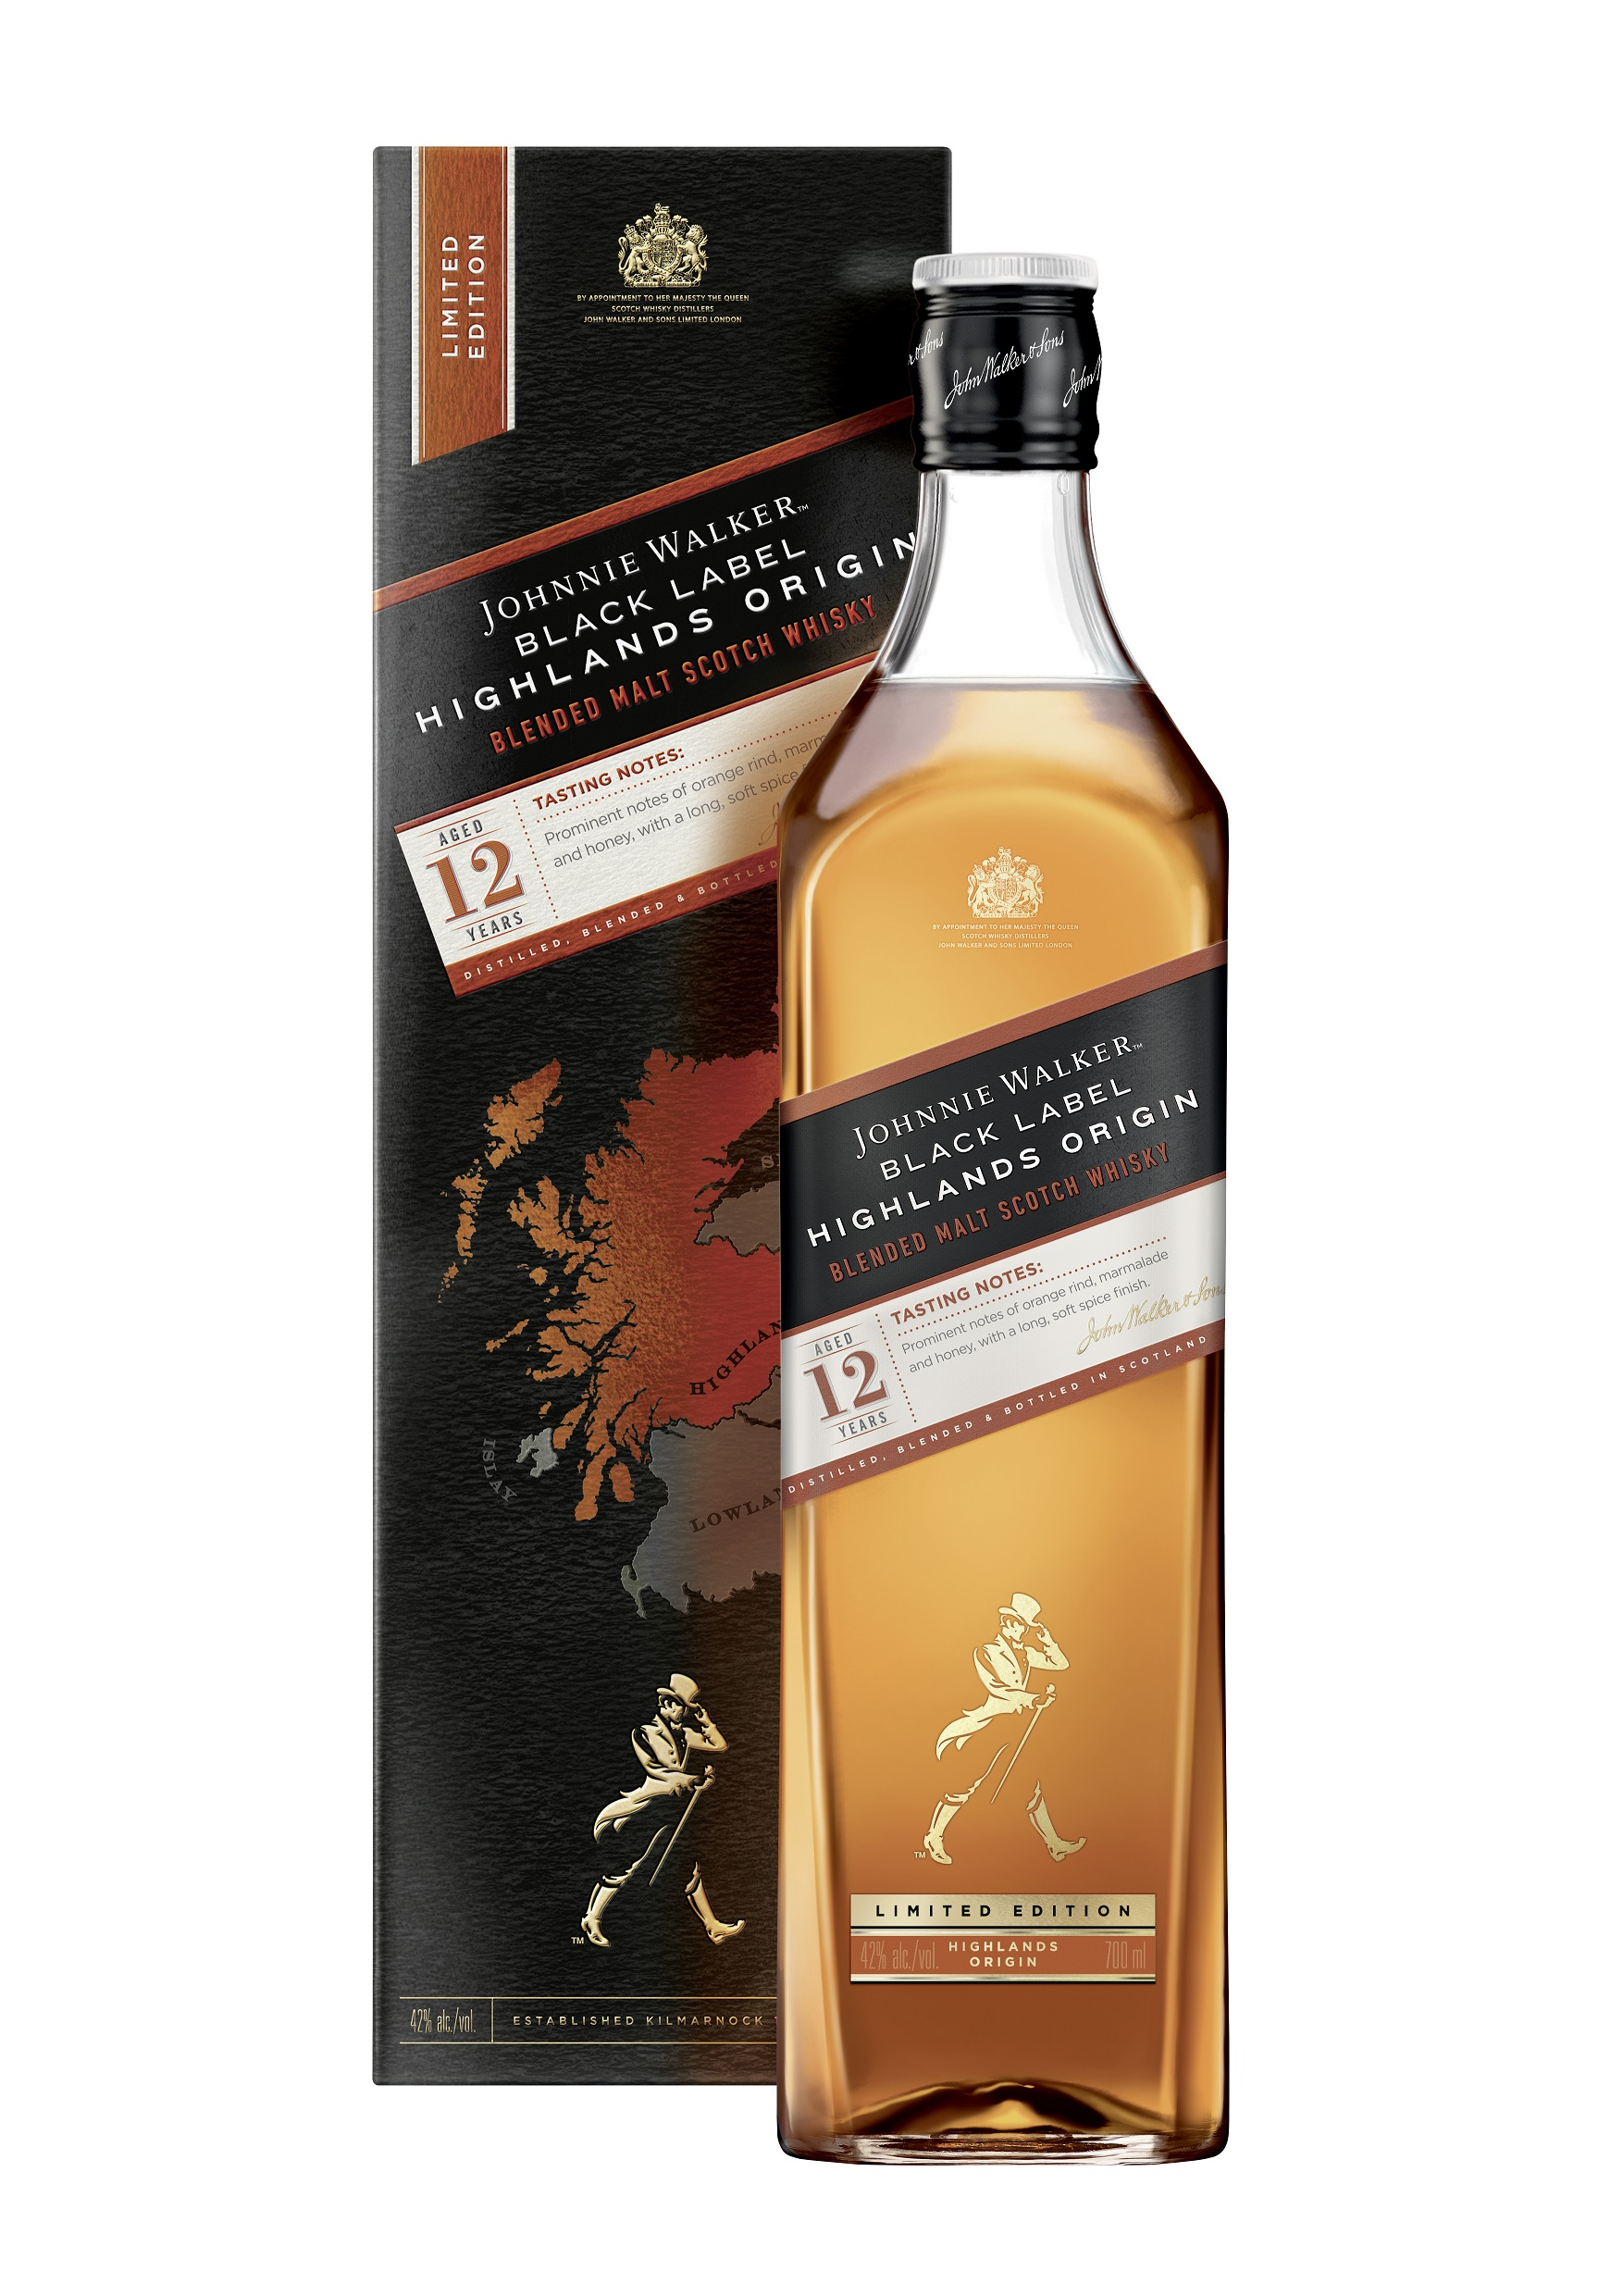 Johnnie Walker Black Label Highlands Origin Whisky